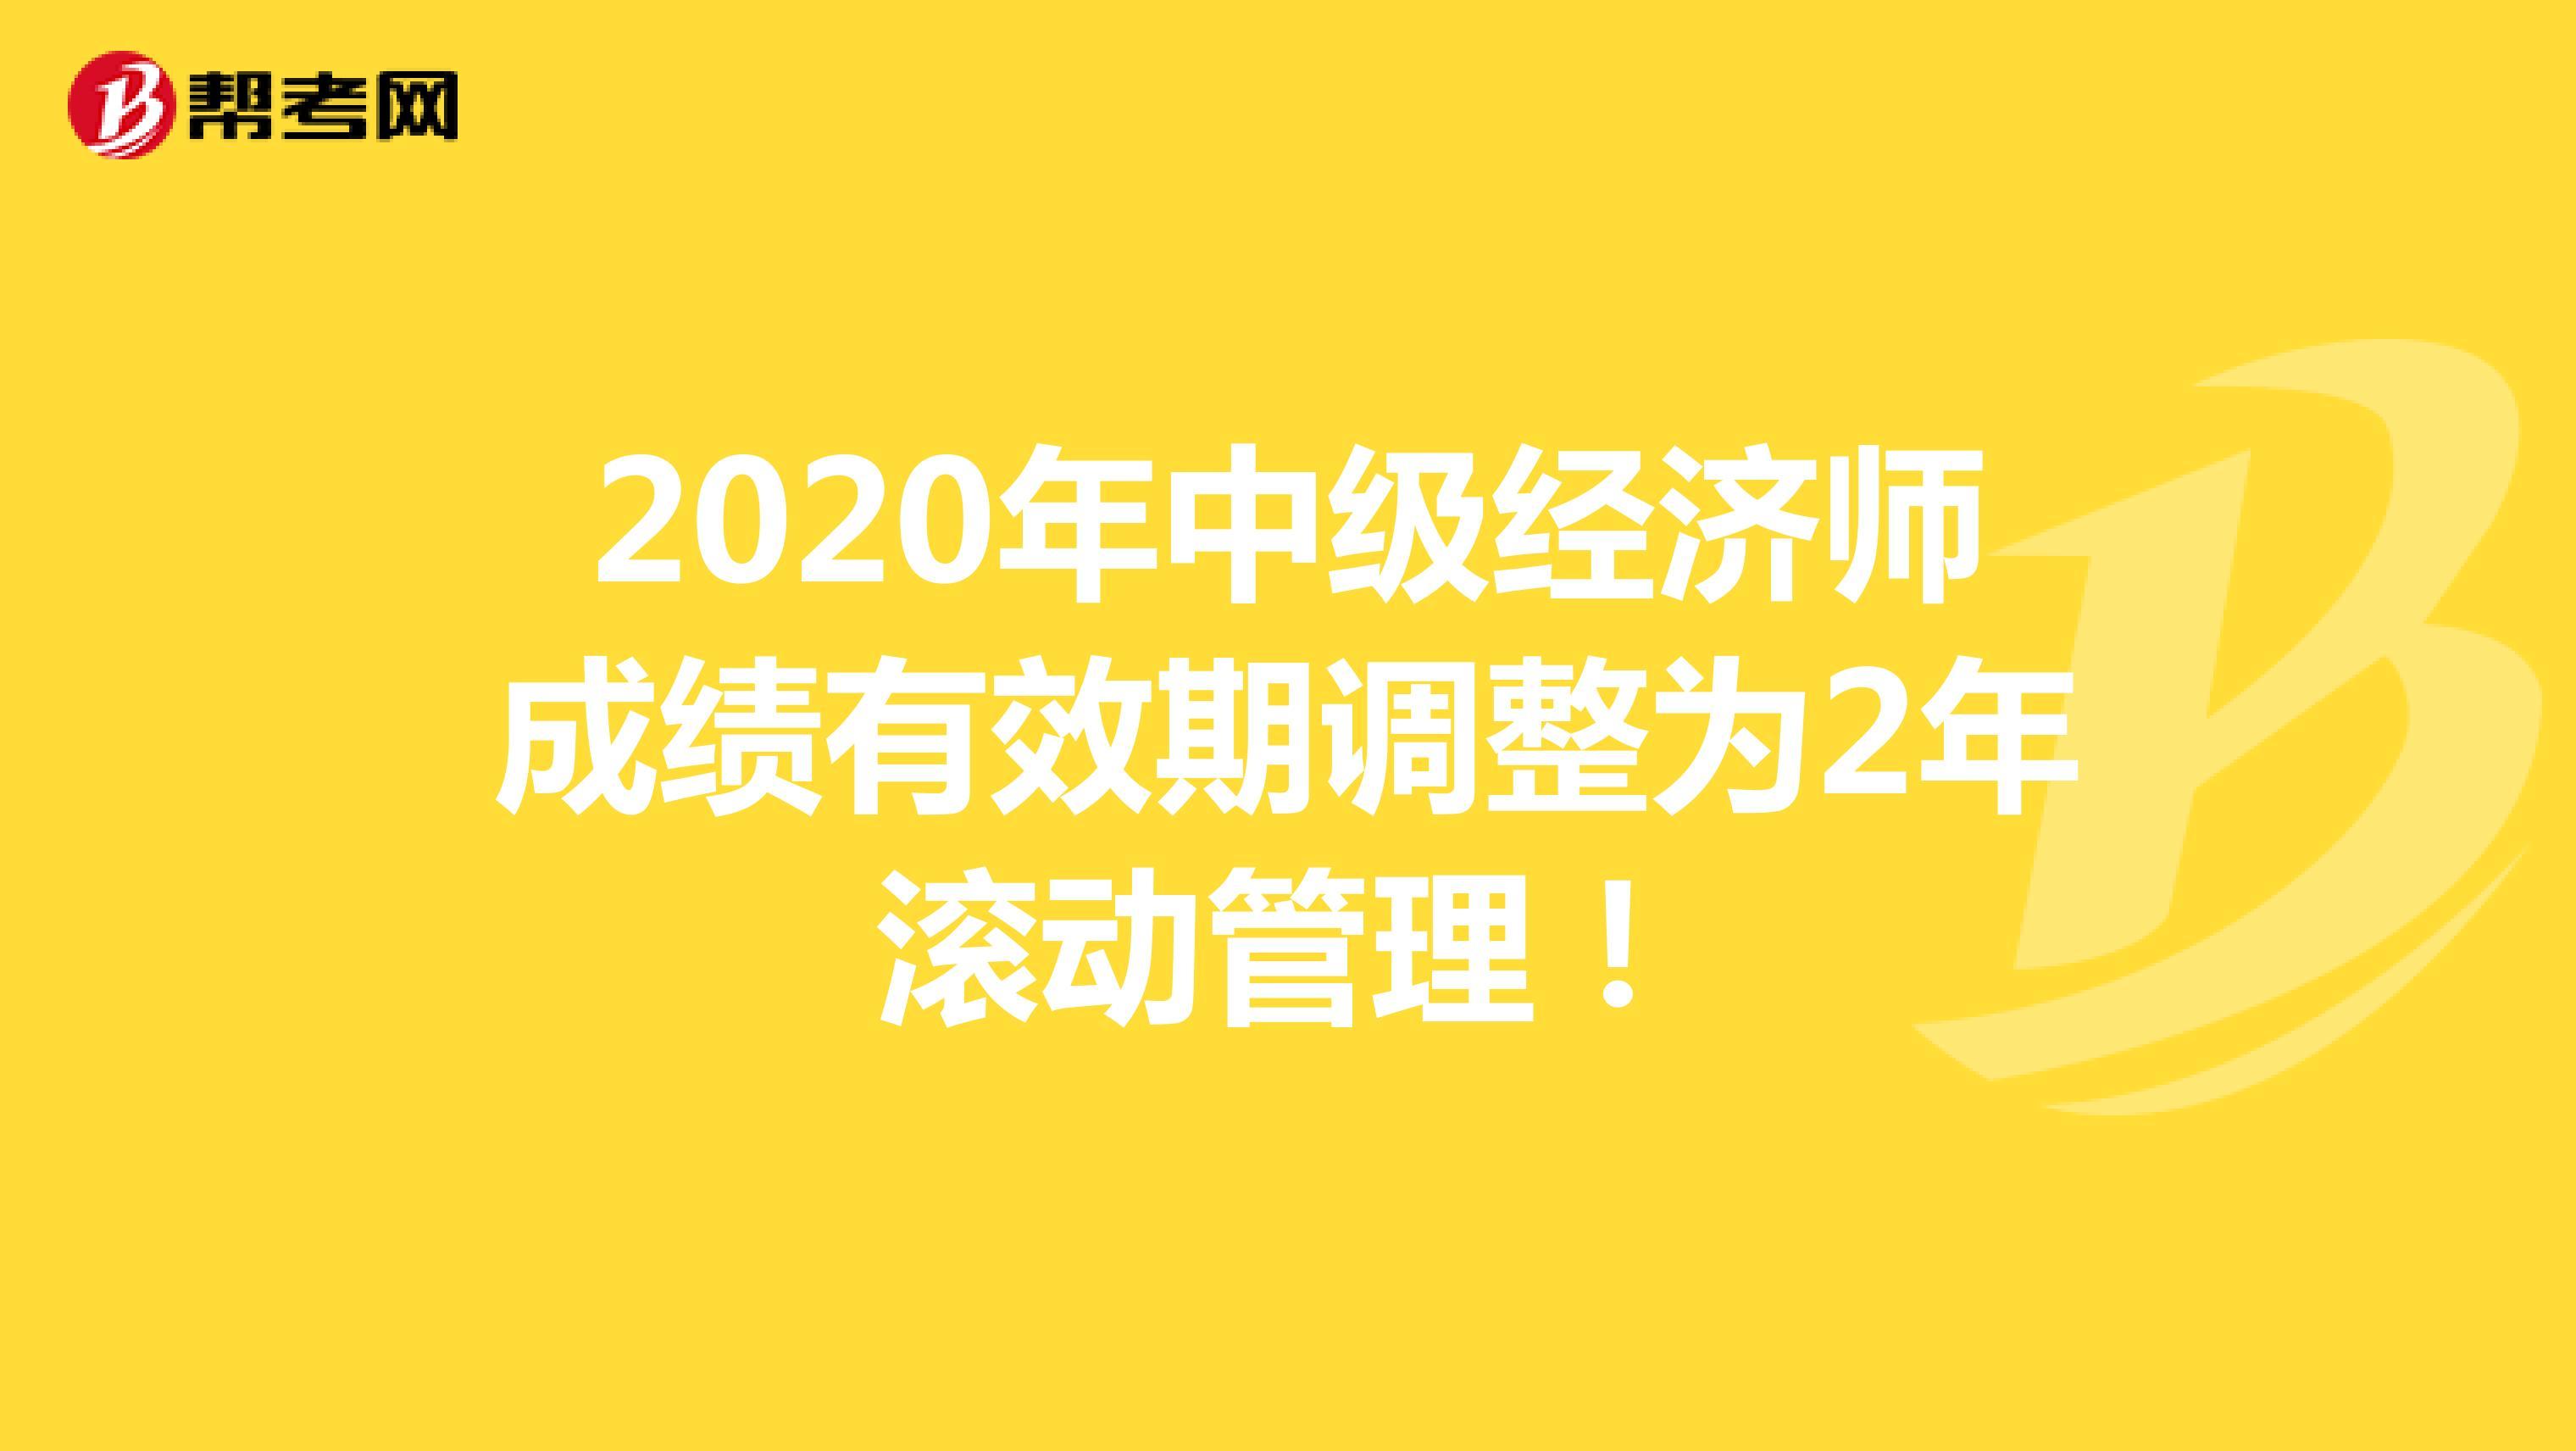 2020年中級經濟師成績有效期調整為2年滾動管理!